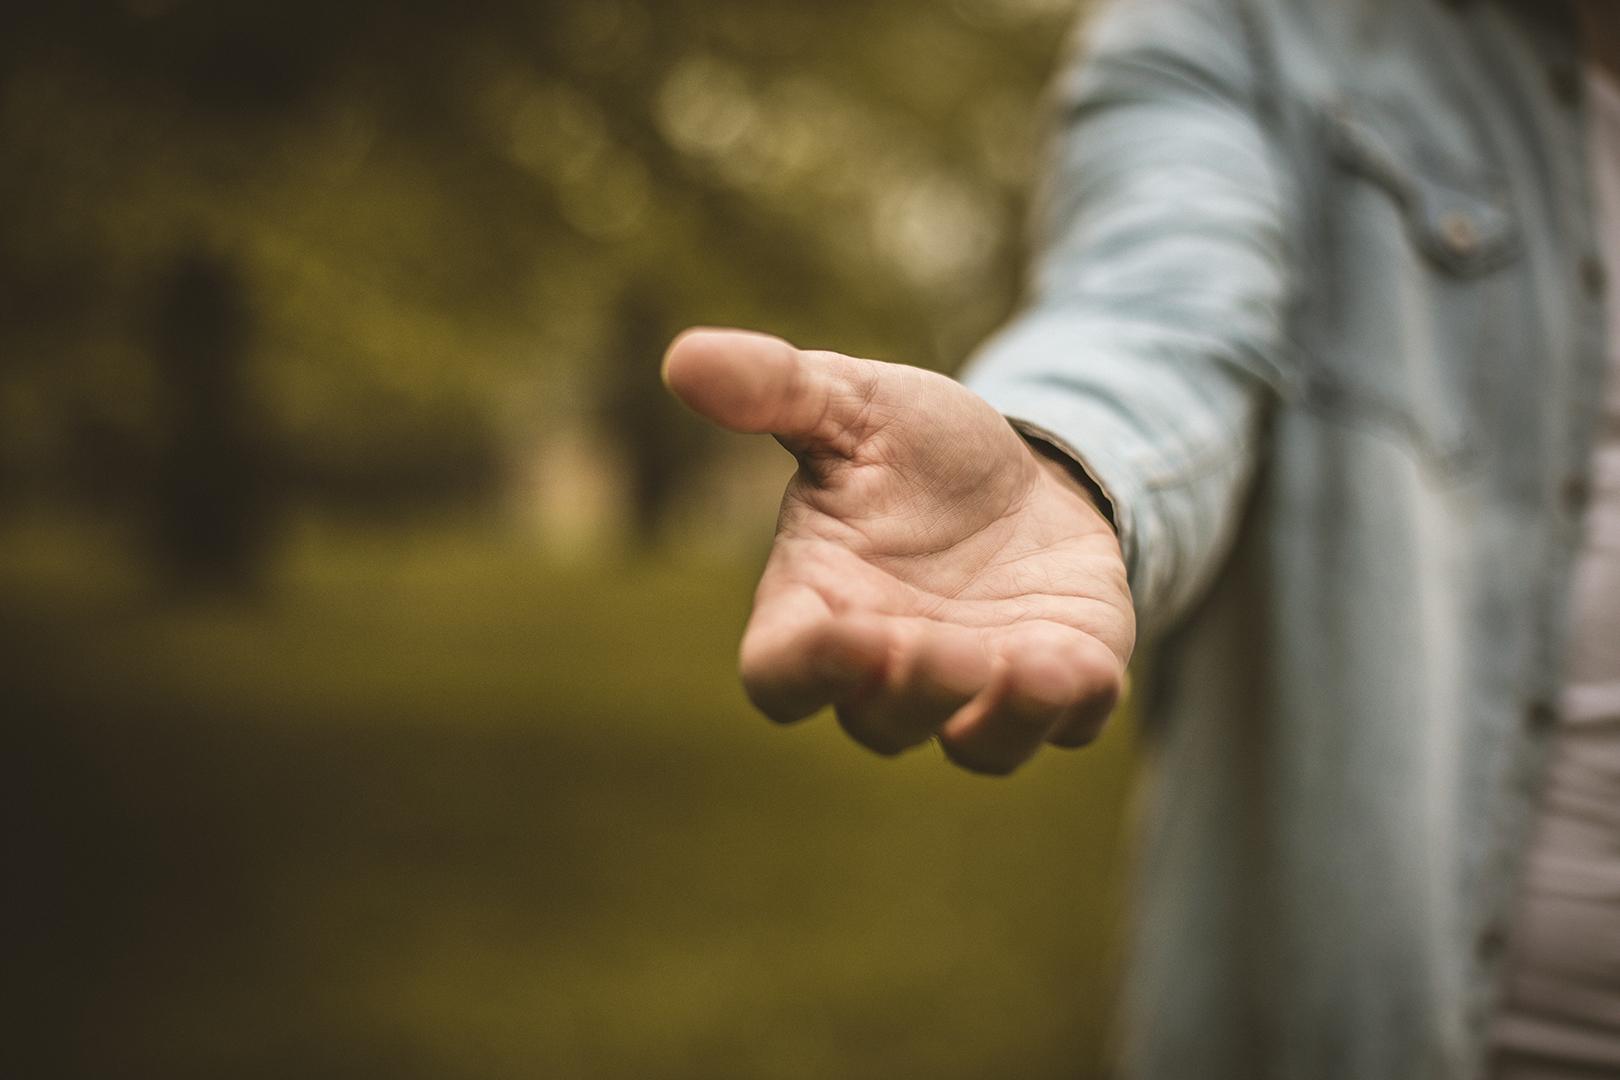 El mayor deseo de los sellados con el Espíritu Santo1 min read